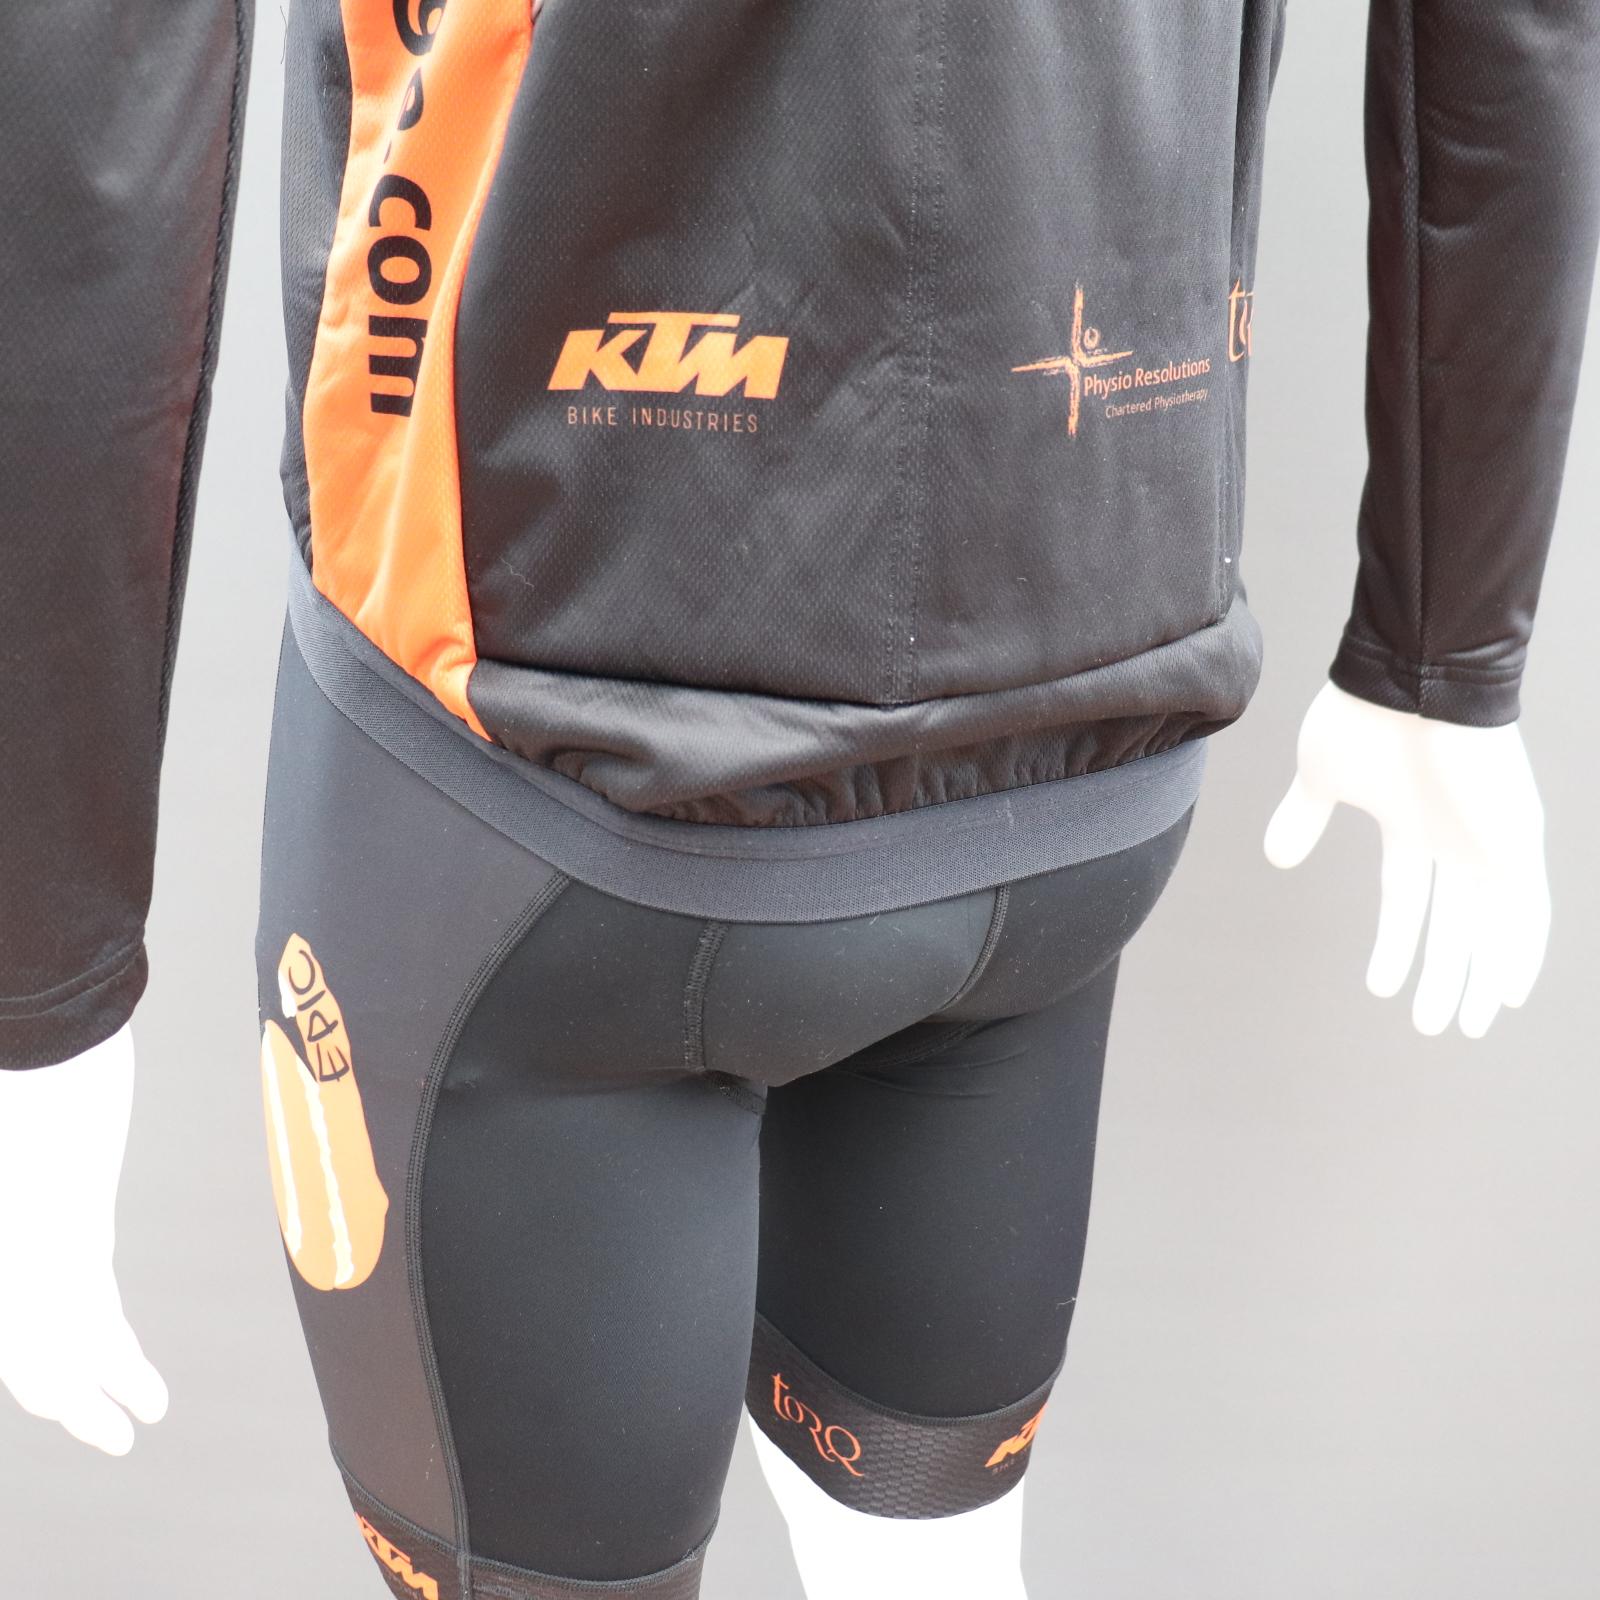 Sub Zero Custom Cycling Jackets - Drop Tail